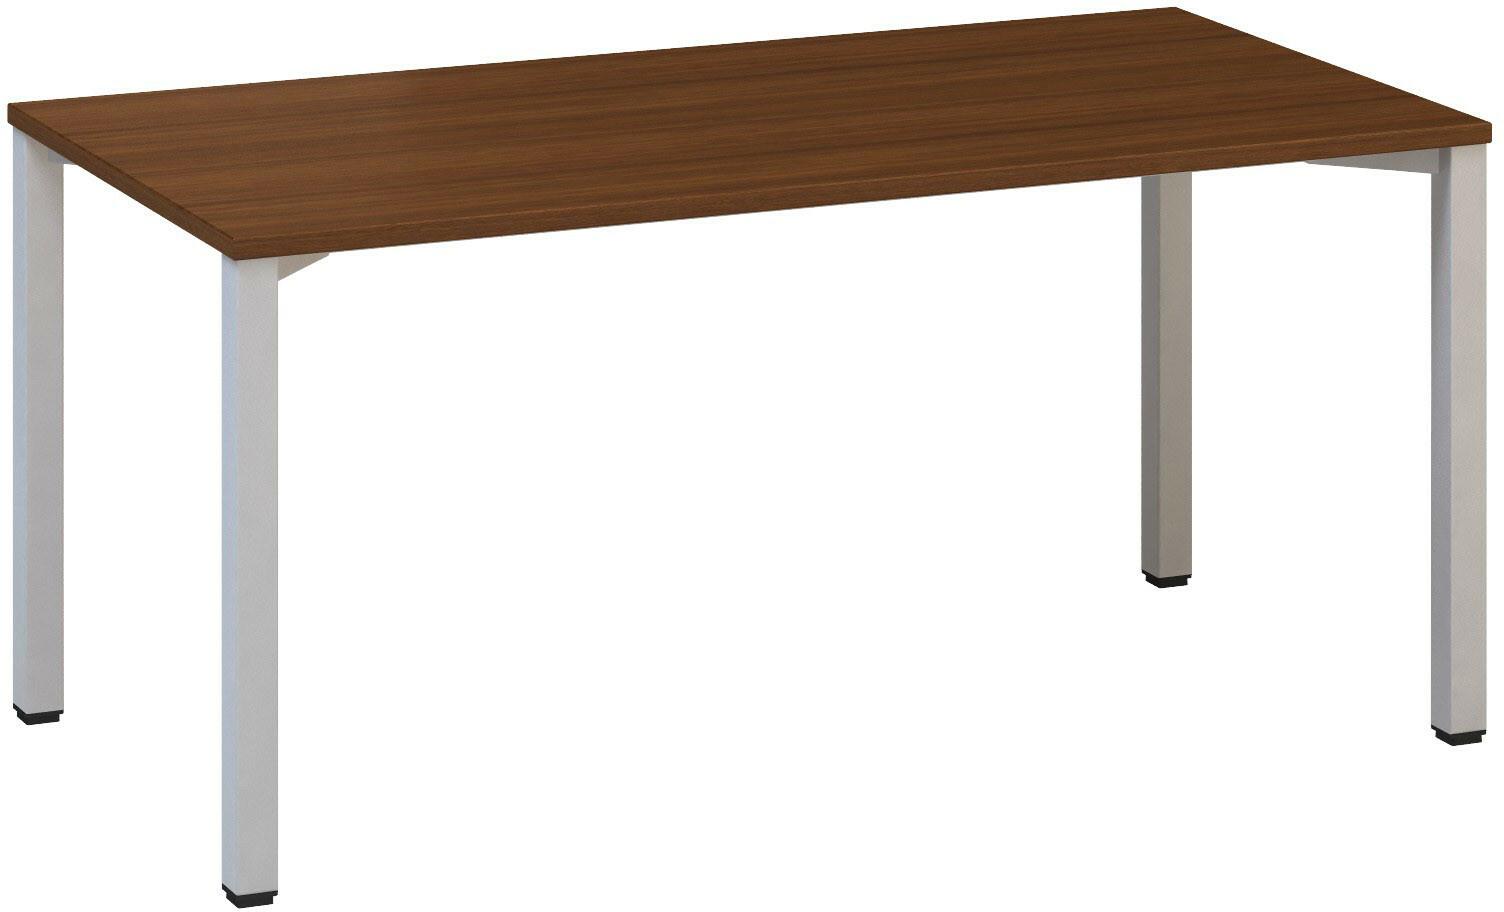 Kancelářský pracovní stůl FA 200, 1600x800mm, ořech